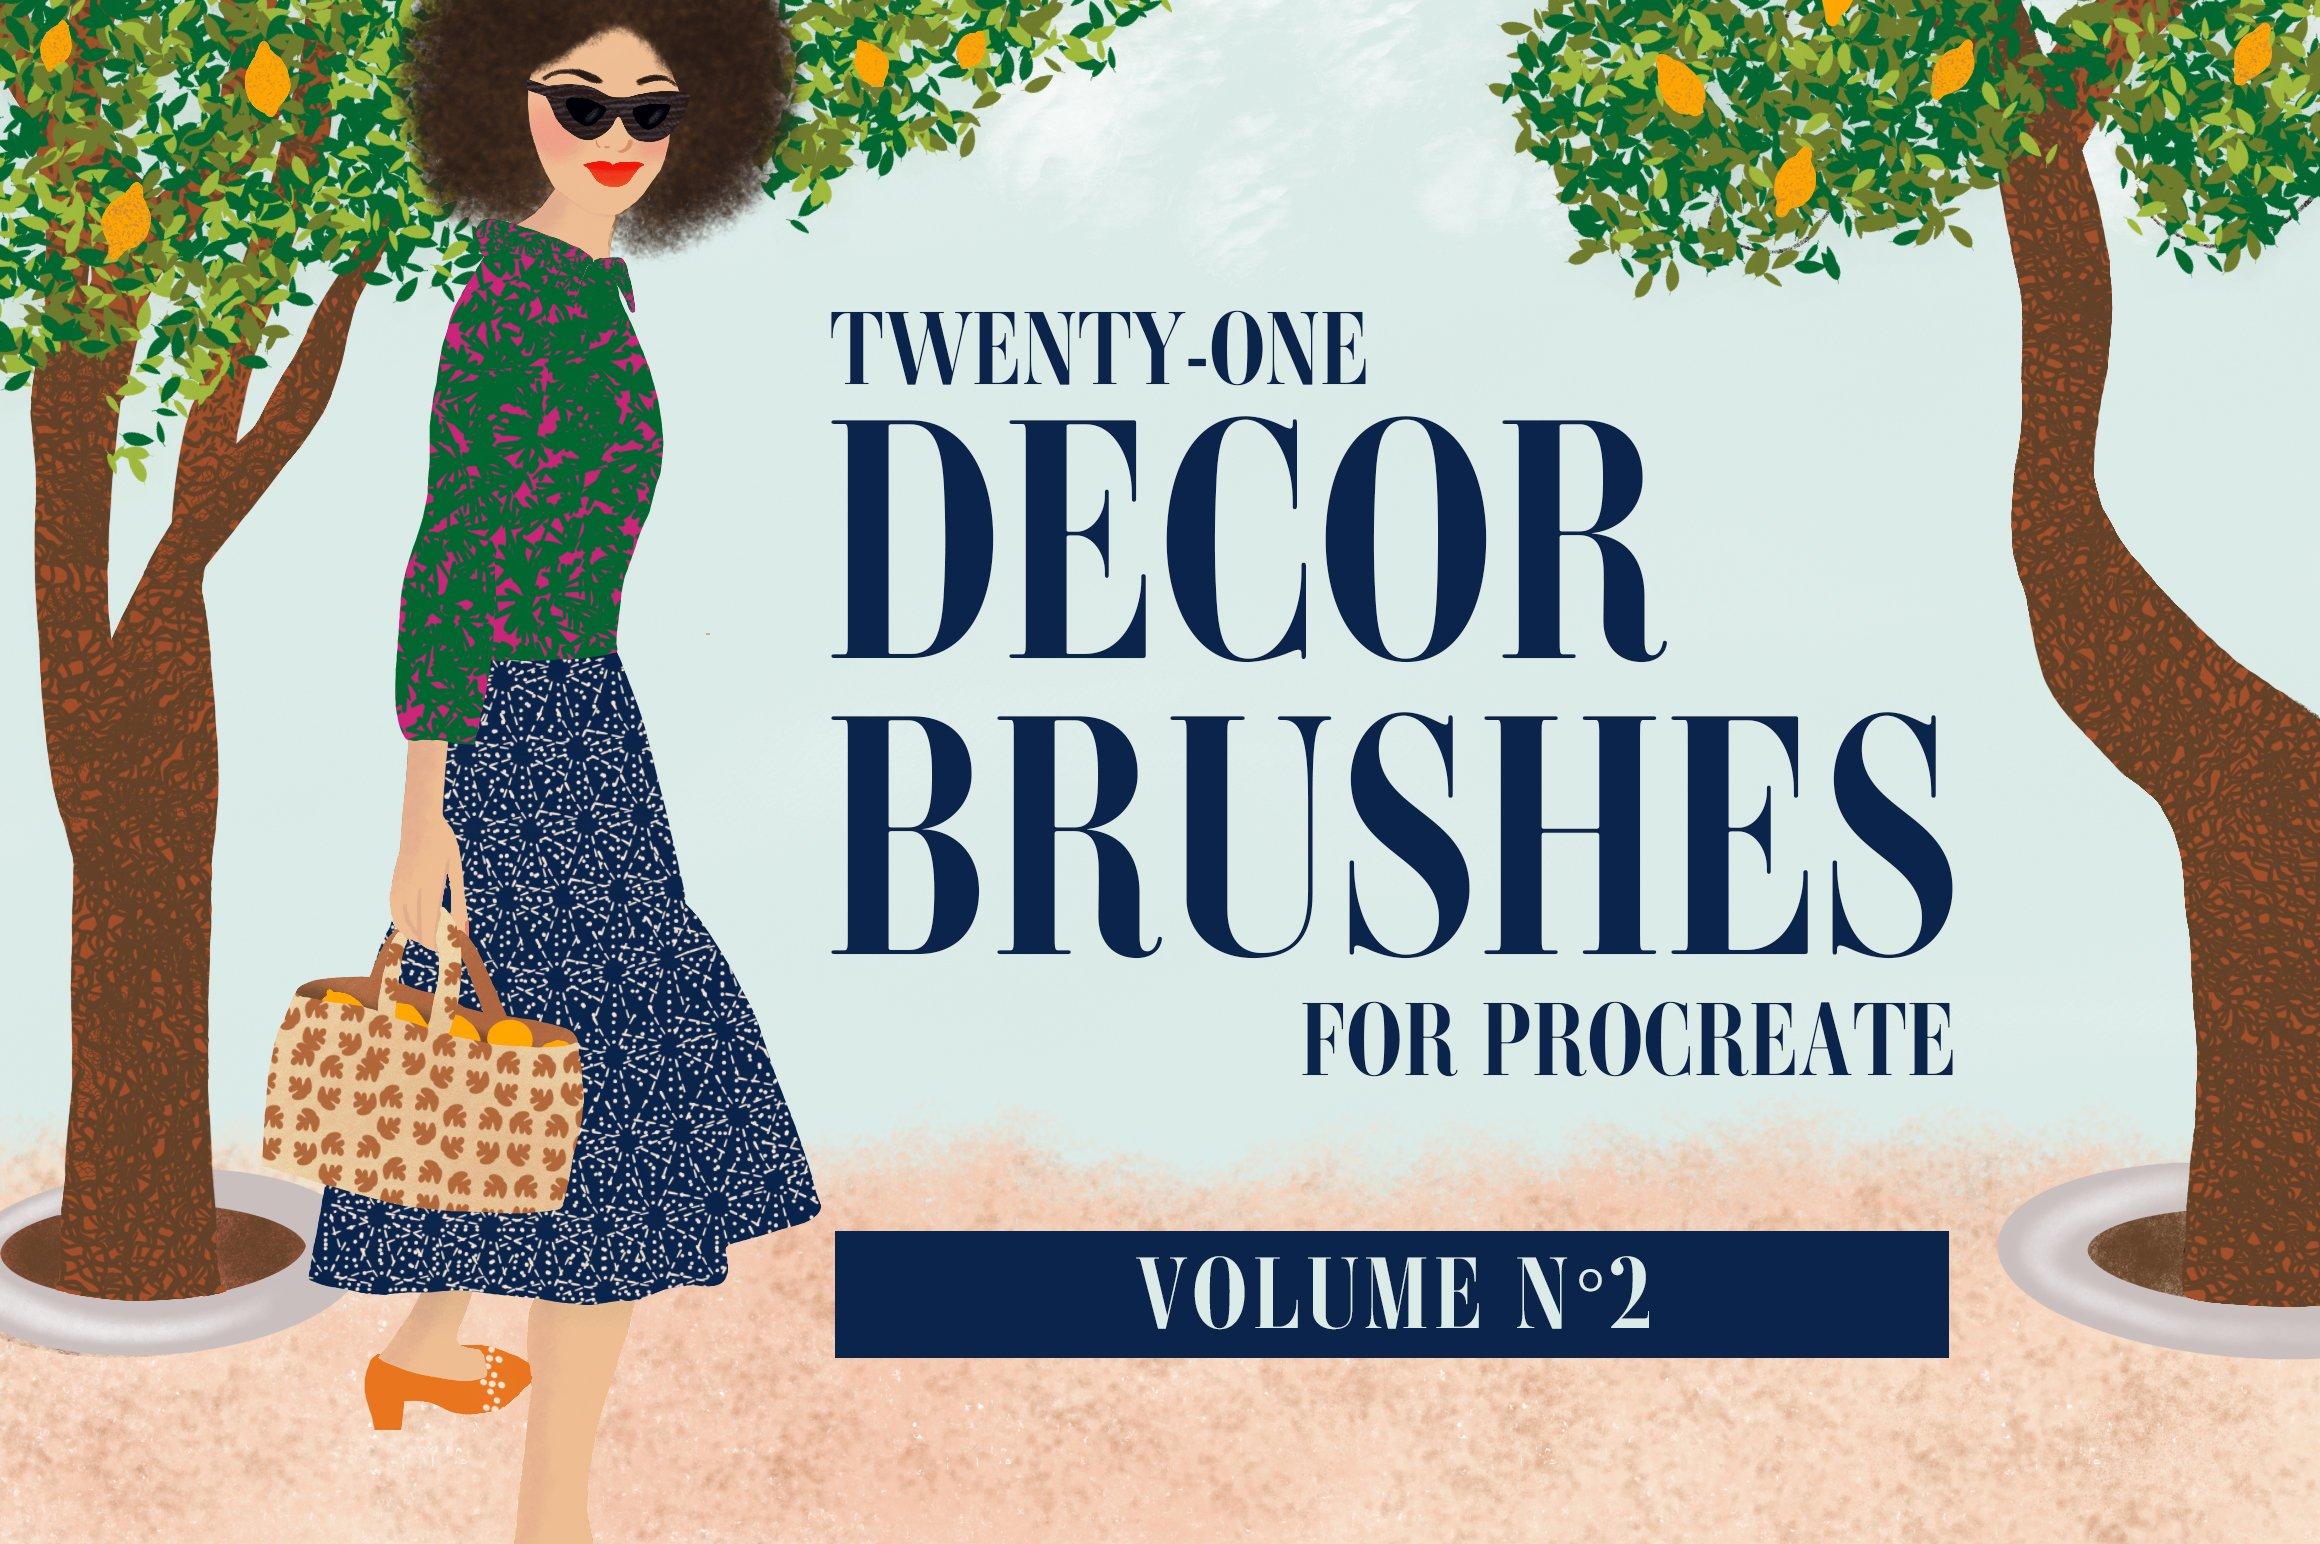 15套逼真铅笔蜡笔Procreate笔刷纹理着色器素材套装 Procreate Brushes Megabundle插图10